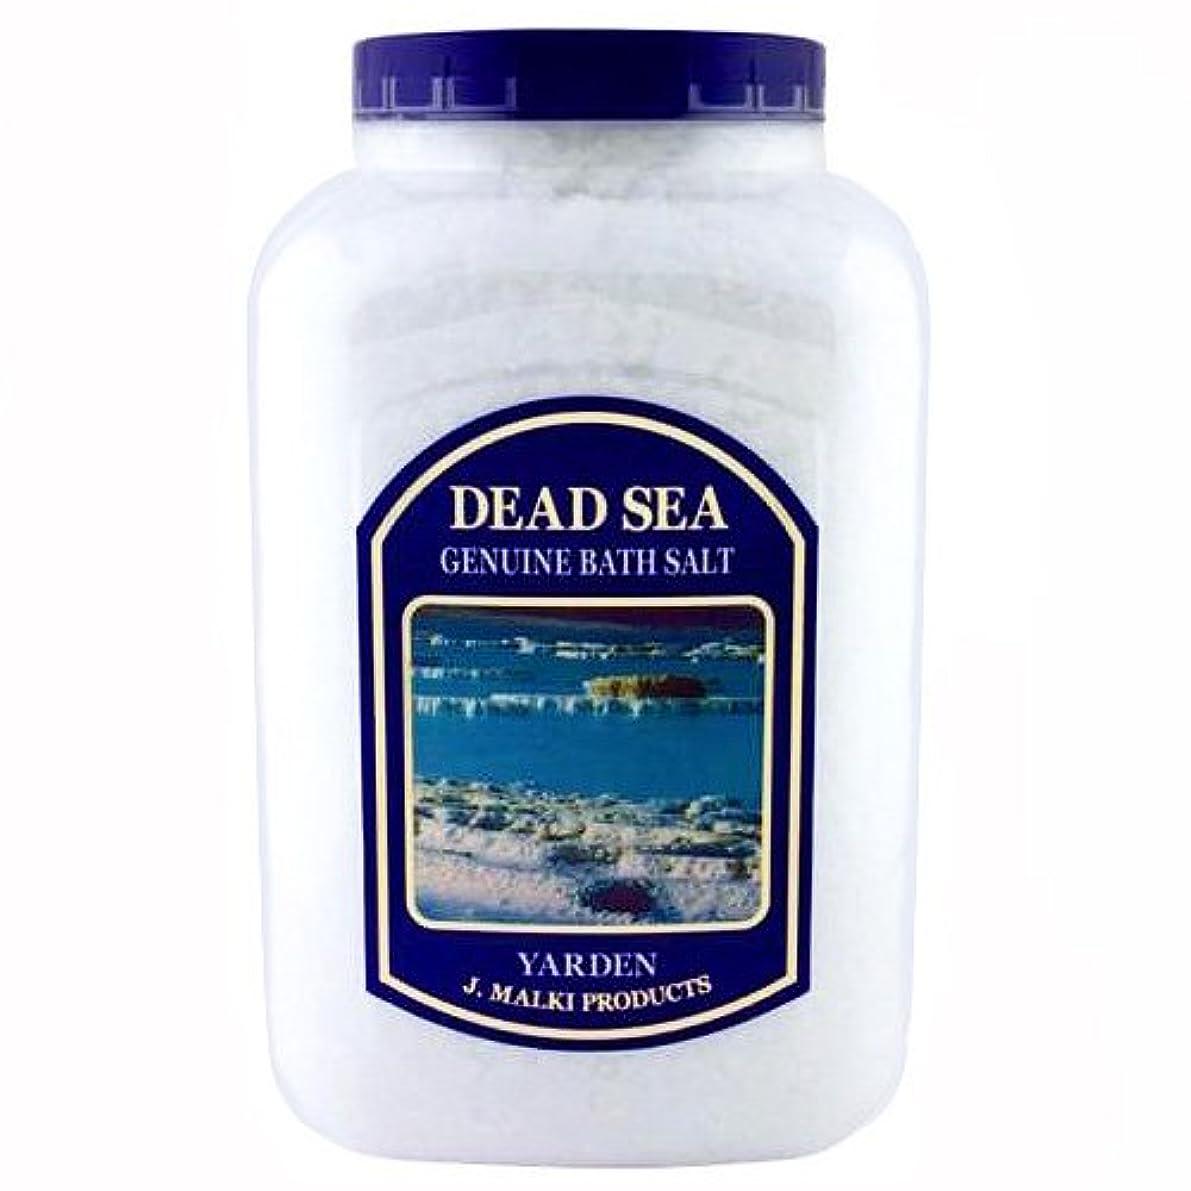 吸収するフィッティングマットレスデッドシー?バスソルト 4.5kg(約45回分)【DEAD SEA BATH SALT】死海の塩/入浴剤(入浴用化粧品)【正規販売店】